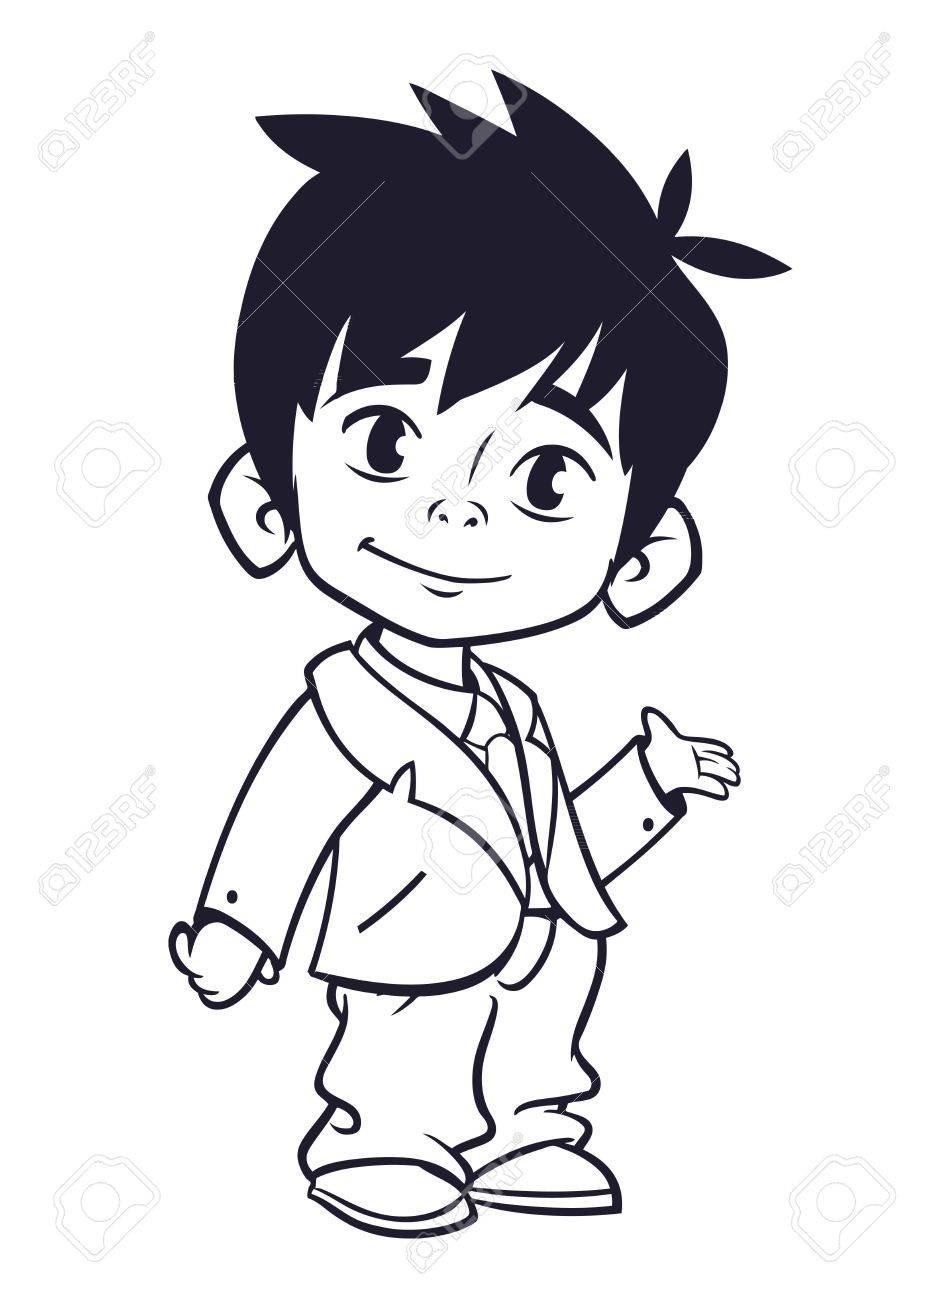 Ilustración Vectorial De Niño Pequeño En La Ropa Del Hombre Esboza ...